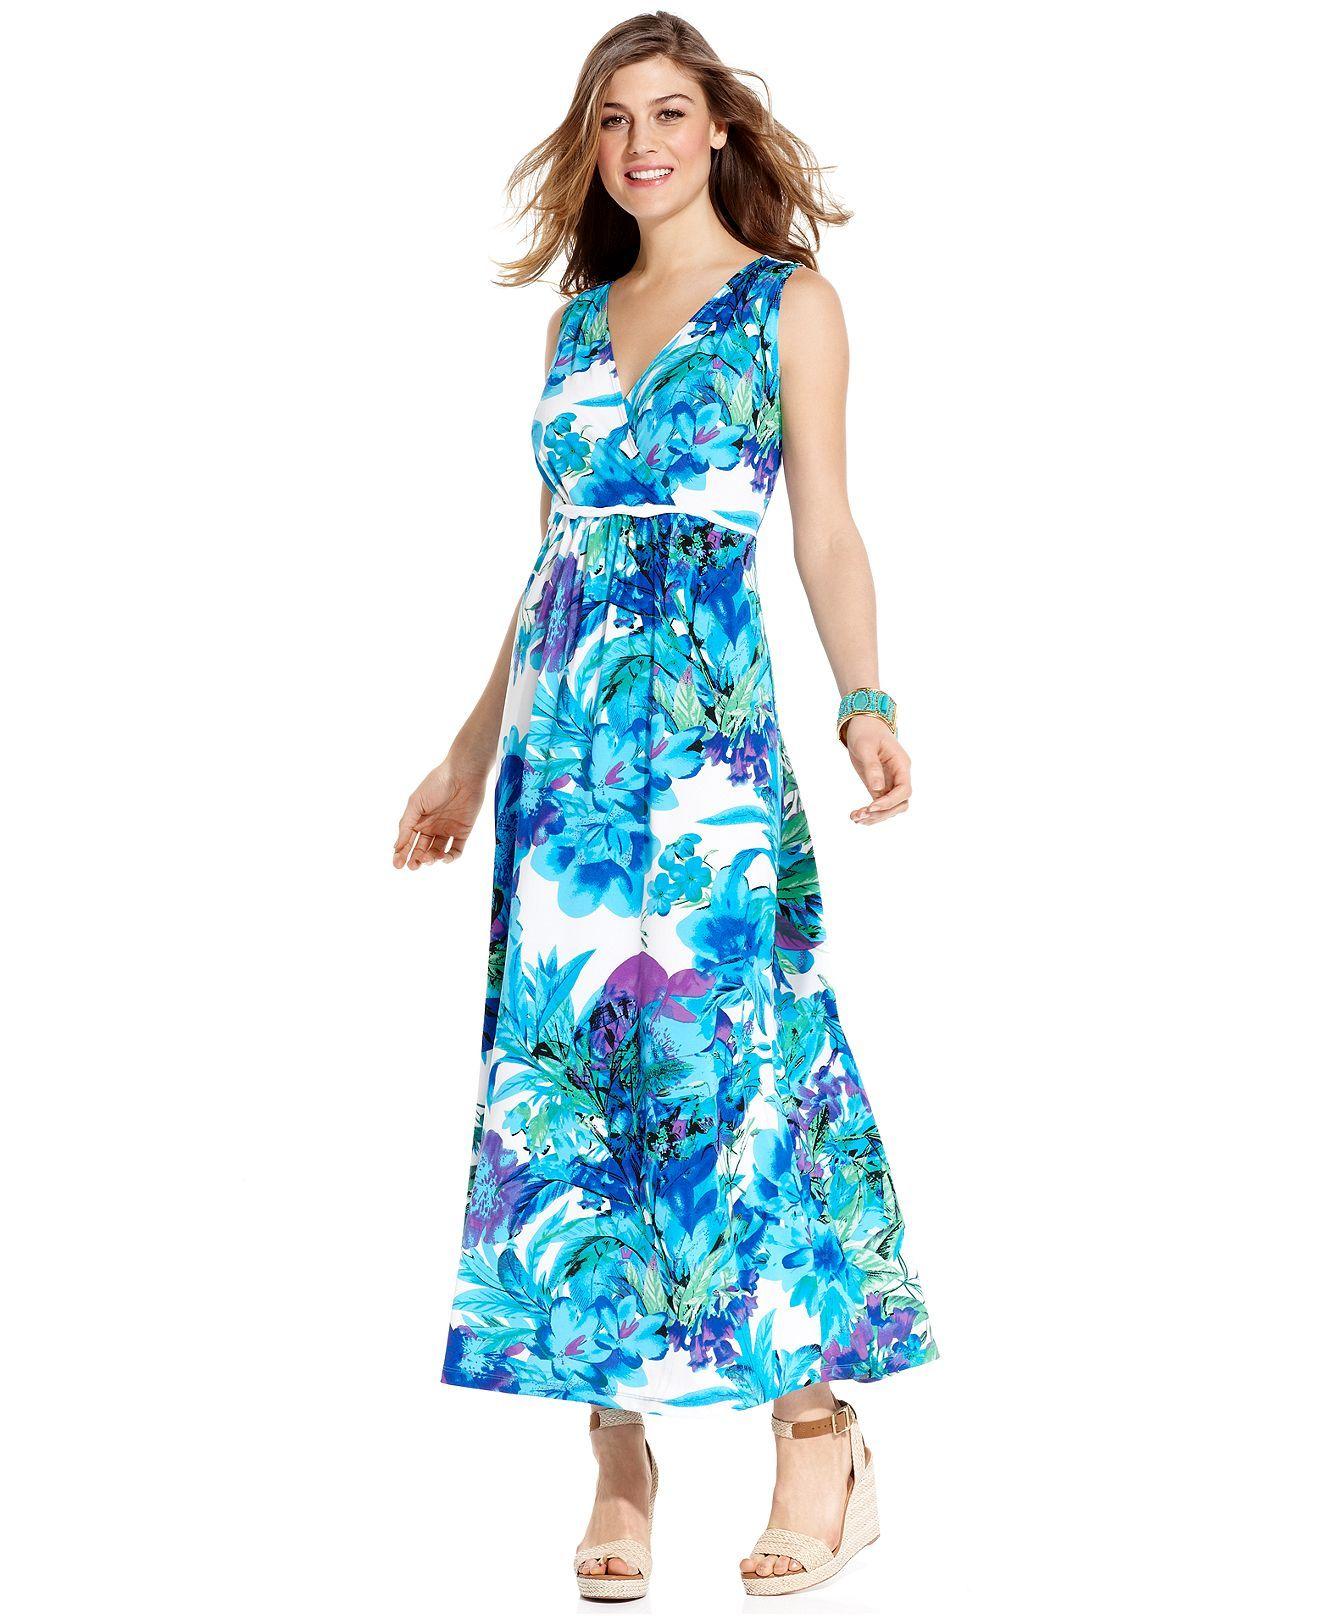 Elementz dress sleeveless floralprint aline maxi